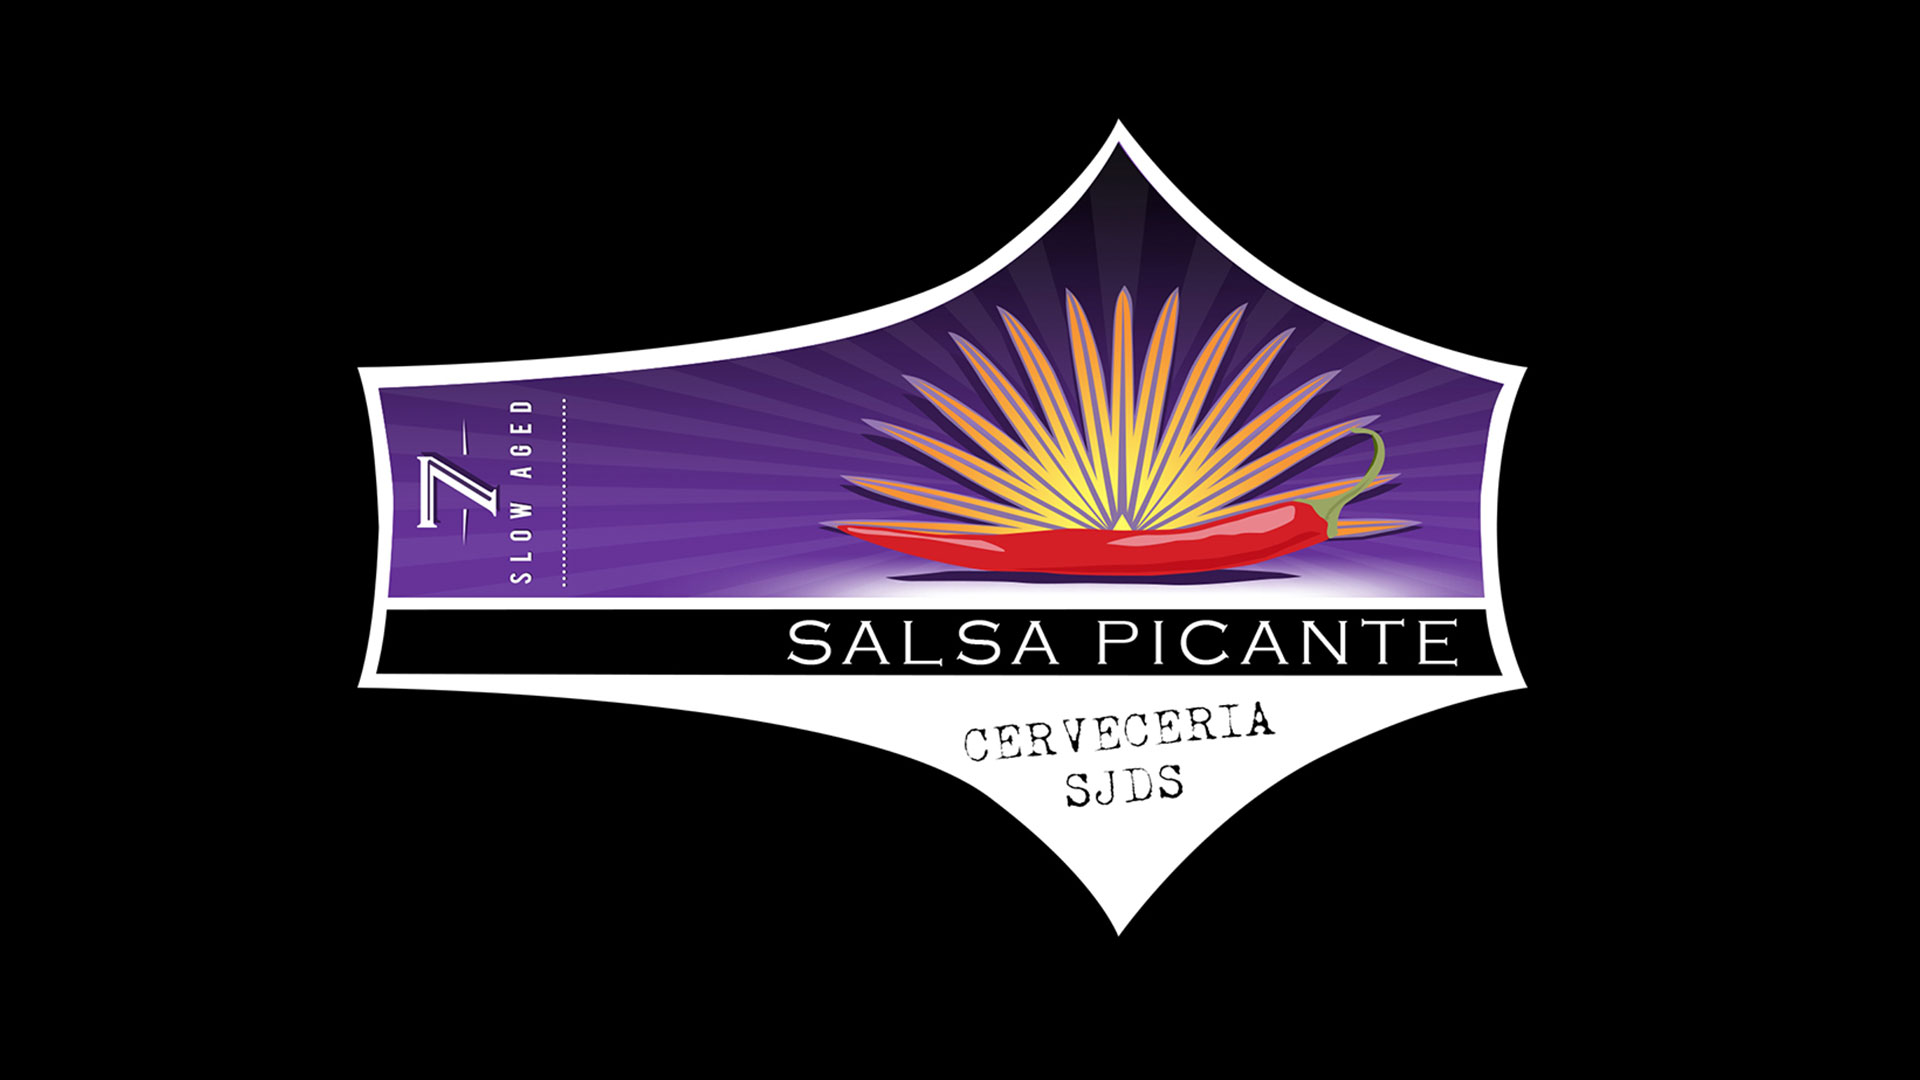 Salsa-Picante-Label.jpg